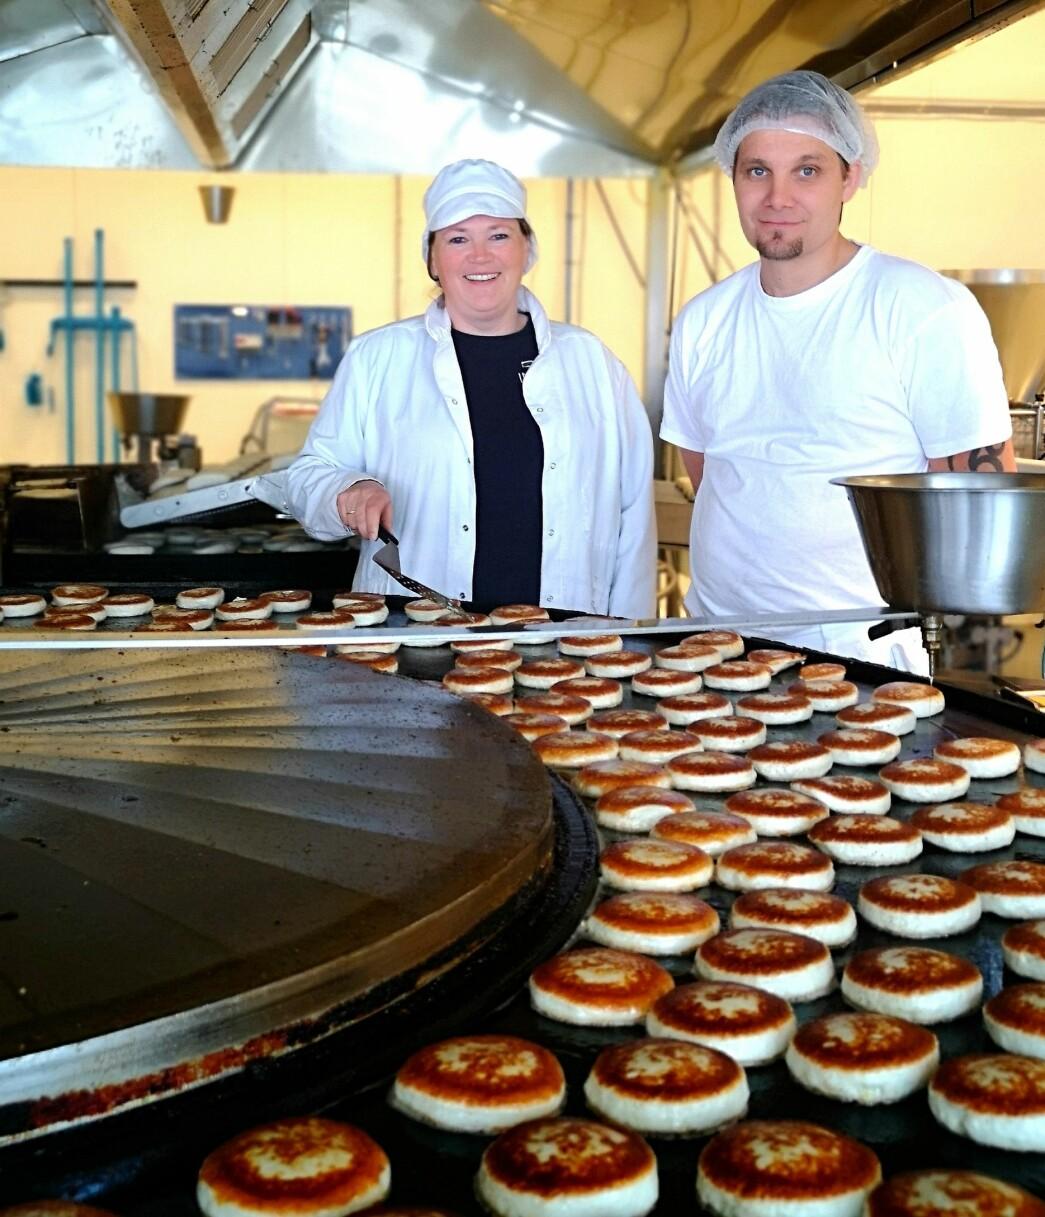 Produksjonsleder Ingunn Romundstad og linjeleder Helge Rodal ved stekelinja.